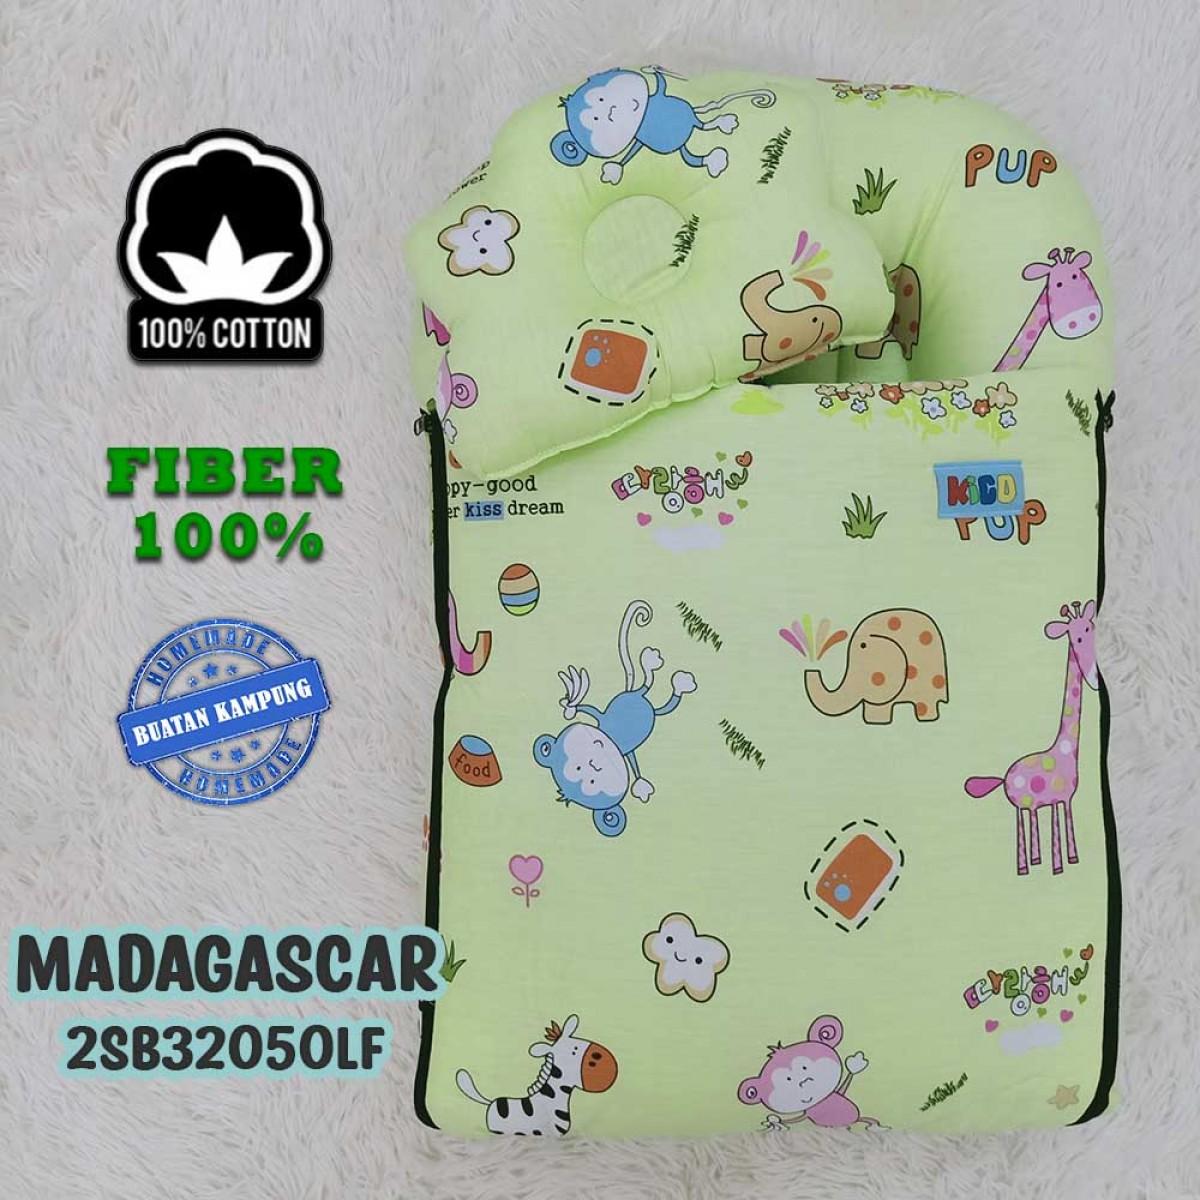 Madagascar - Kico Baby Center